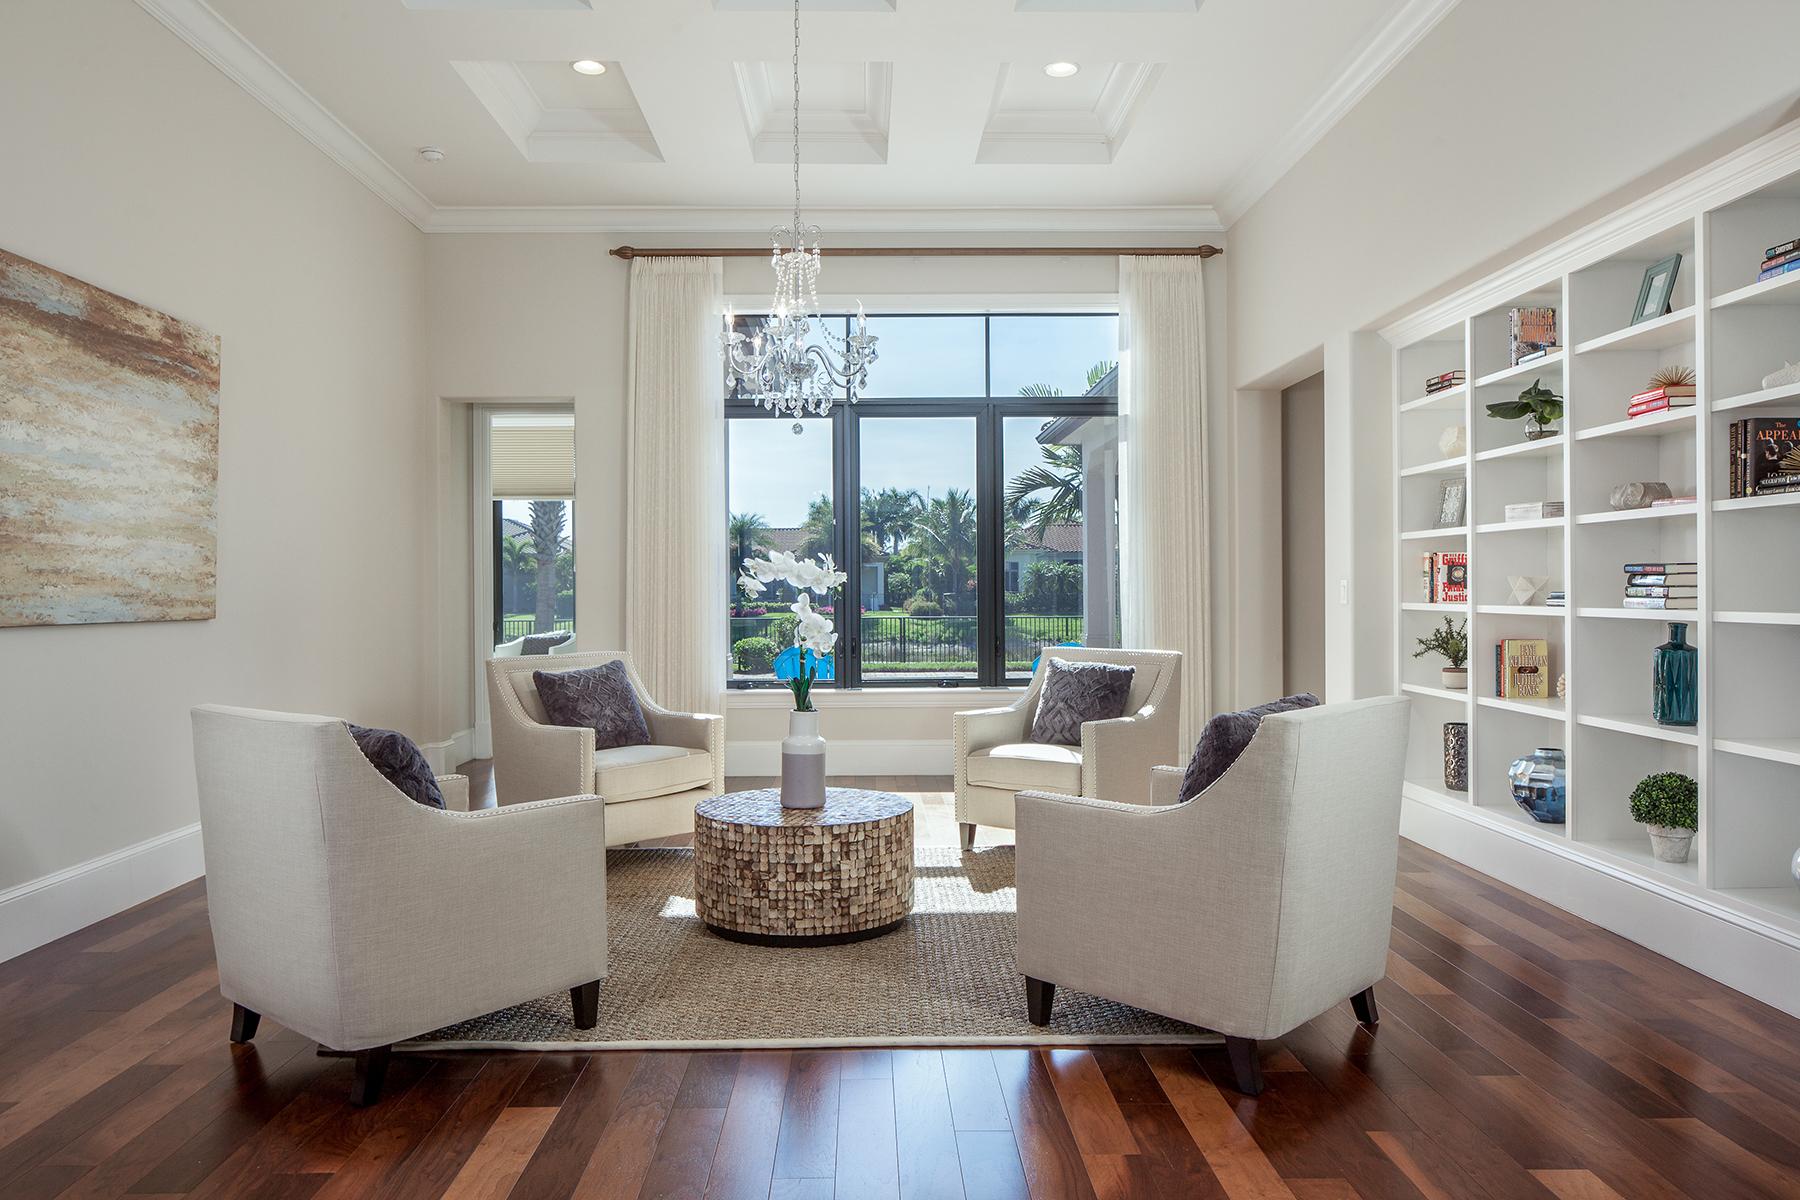 一戸建て のために 売買 アット GREY OAKS - TRADITIONS 2224 Residence Cir Naples, フロリダ, 34105 アメリカ合衆国